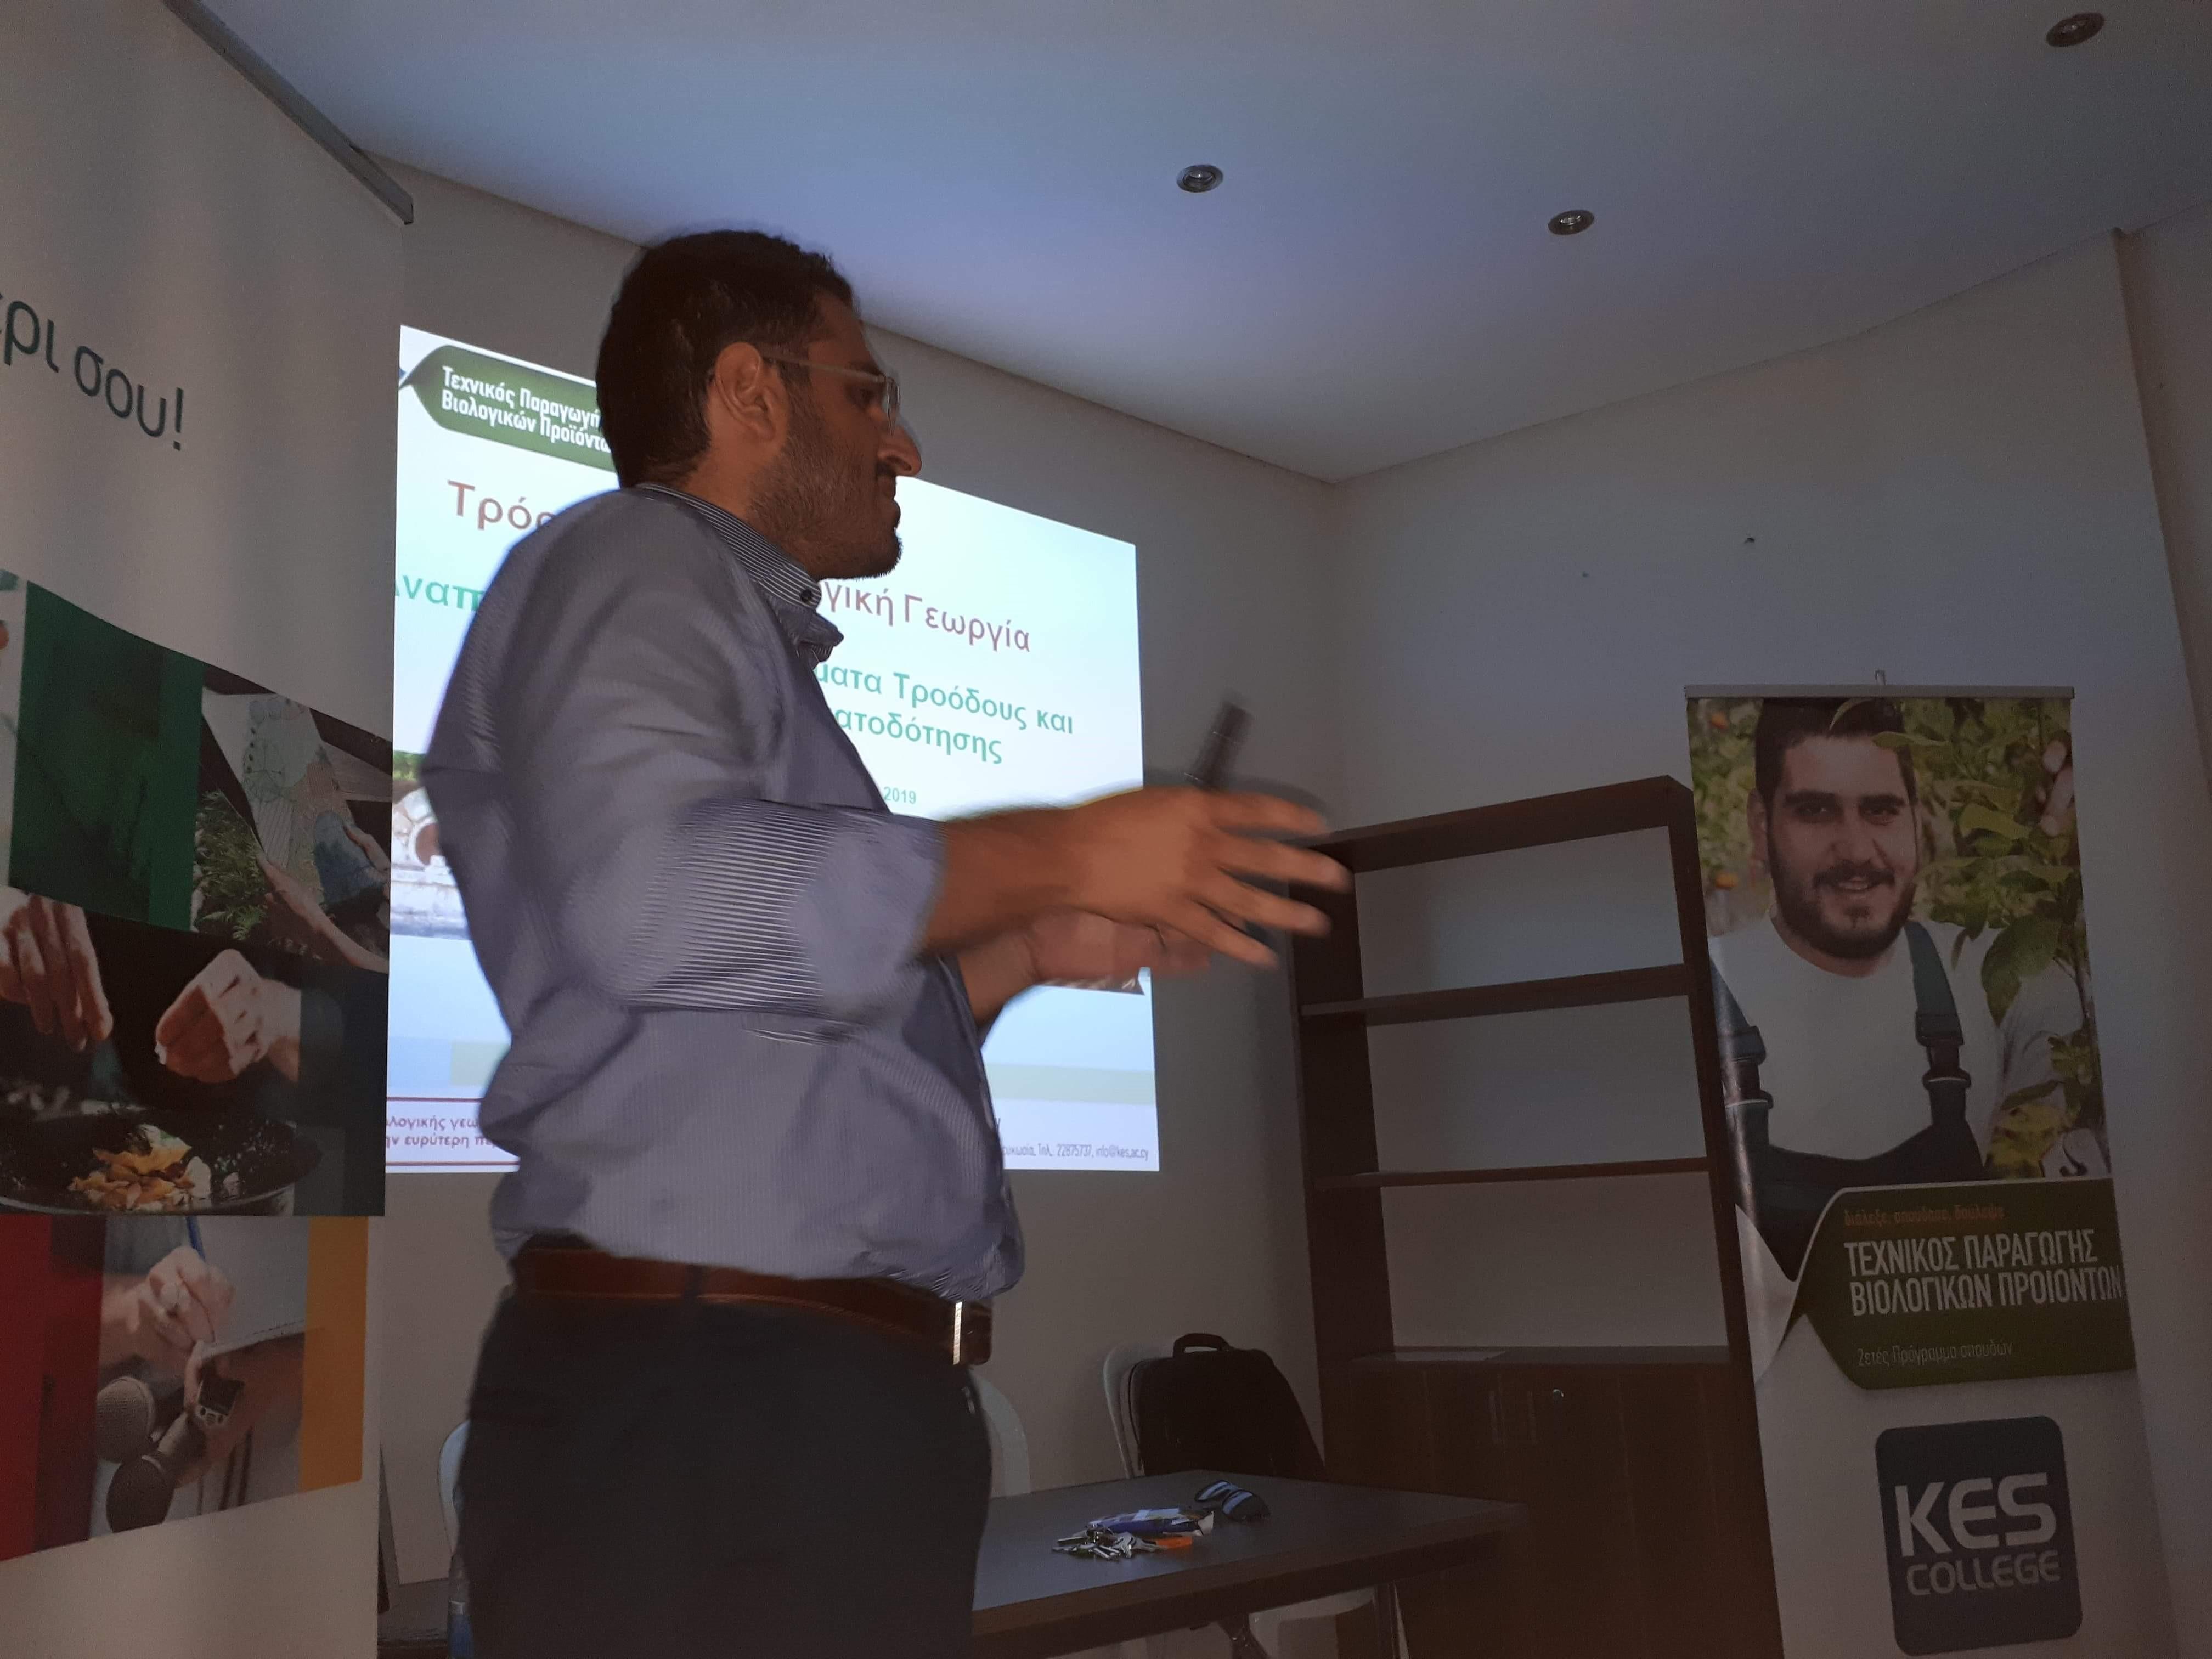 """Ημερίδα """"Βιολογική Γεωργία και Τρόοδος"""" από την Αναπτυξιακή Εταιρεία Κοινοτήτων Περιοχής Τροόδους και το KES College"""